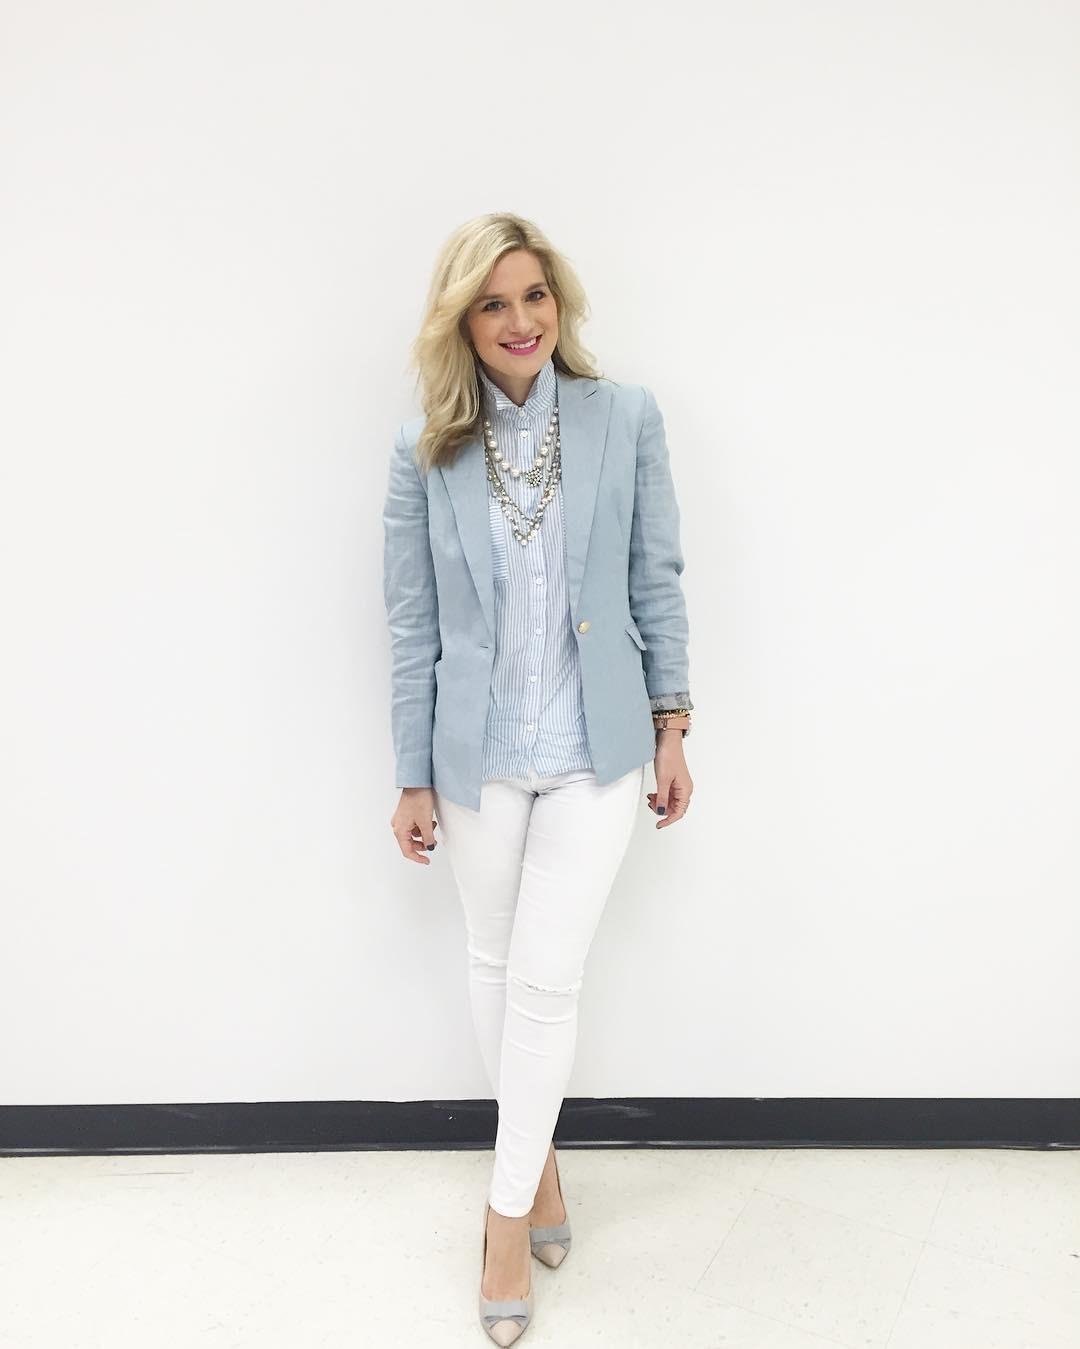 طرق ارتداء البليزر الملون لمظهر عملي - البليزر الملون مع السروال الأبيض